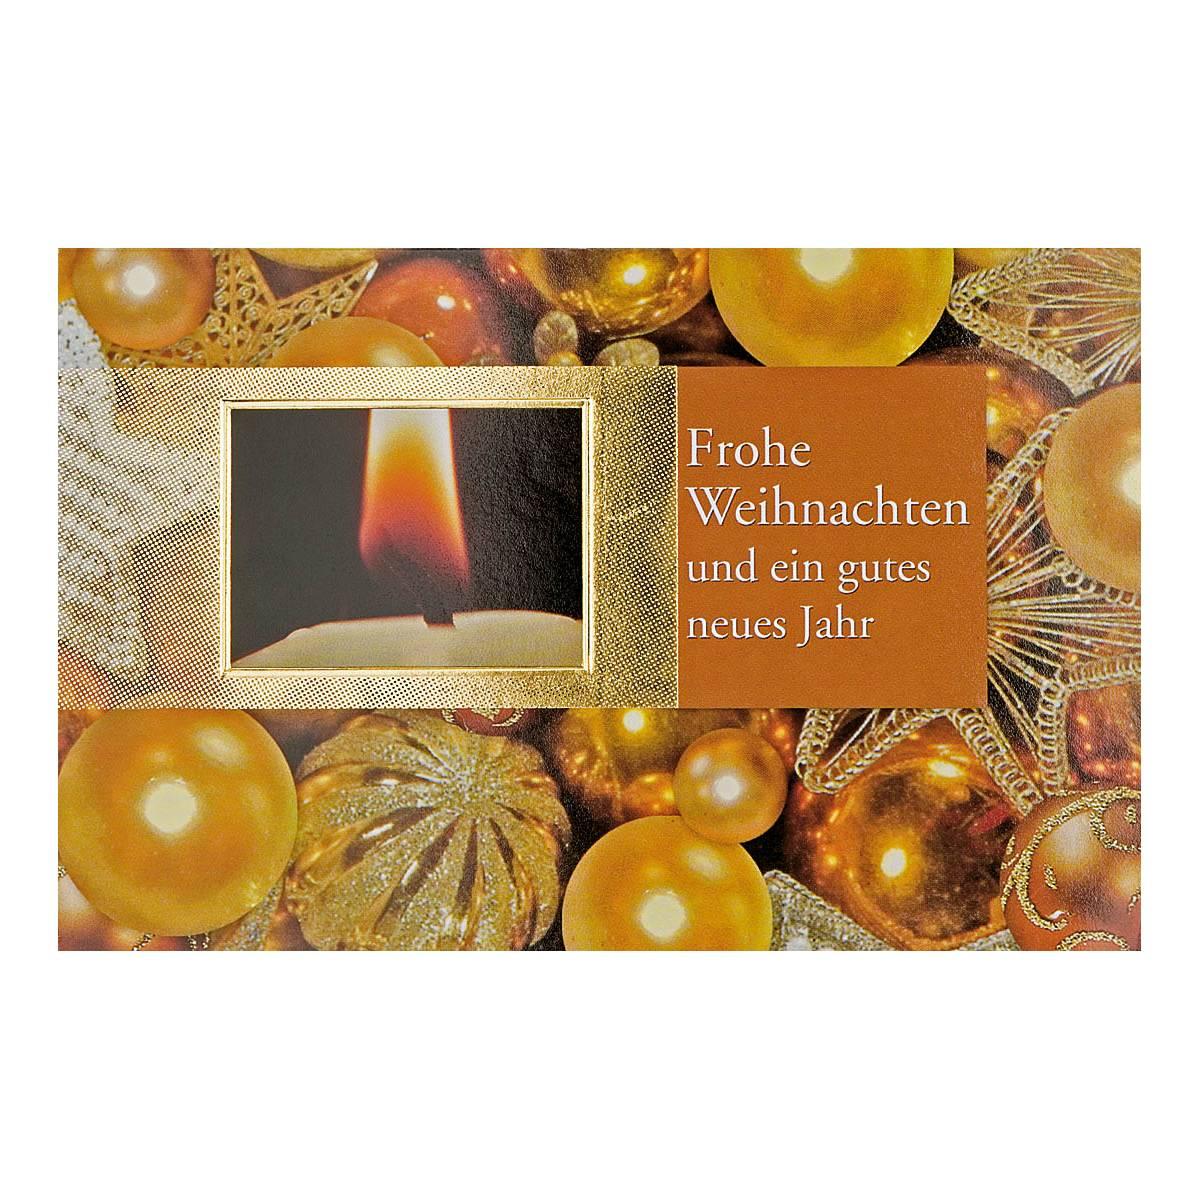 Christbaumkugeln Outlet.Weihnachtskarte Christbaumkugeln Mit Text Frohe Weihnachten Und Ein Gutes Neues Jahr Goldene Folienpragung Klappkarte